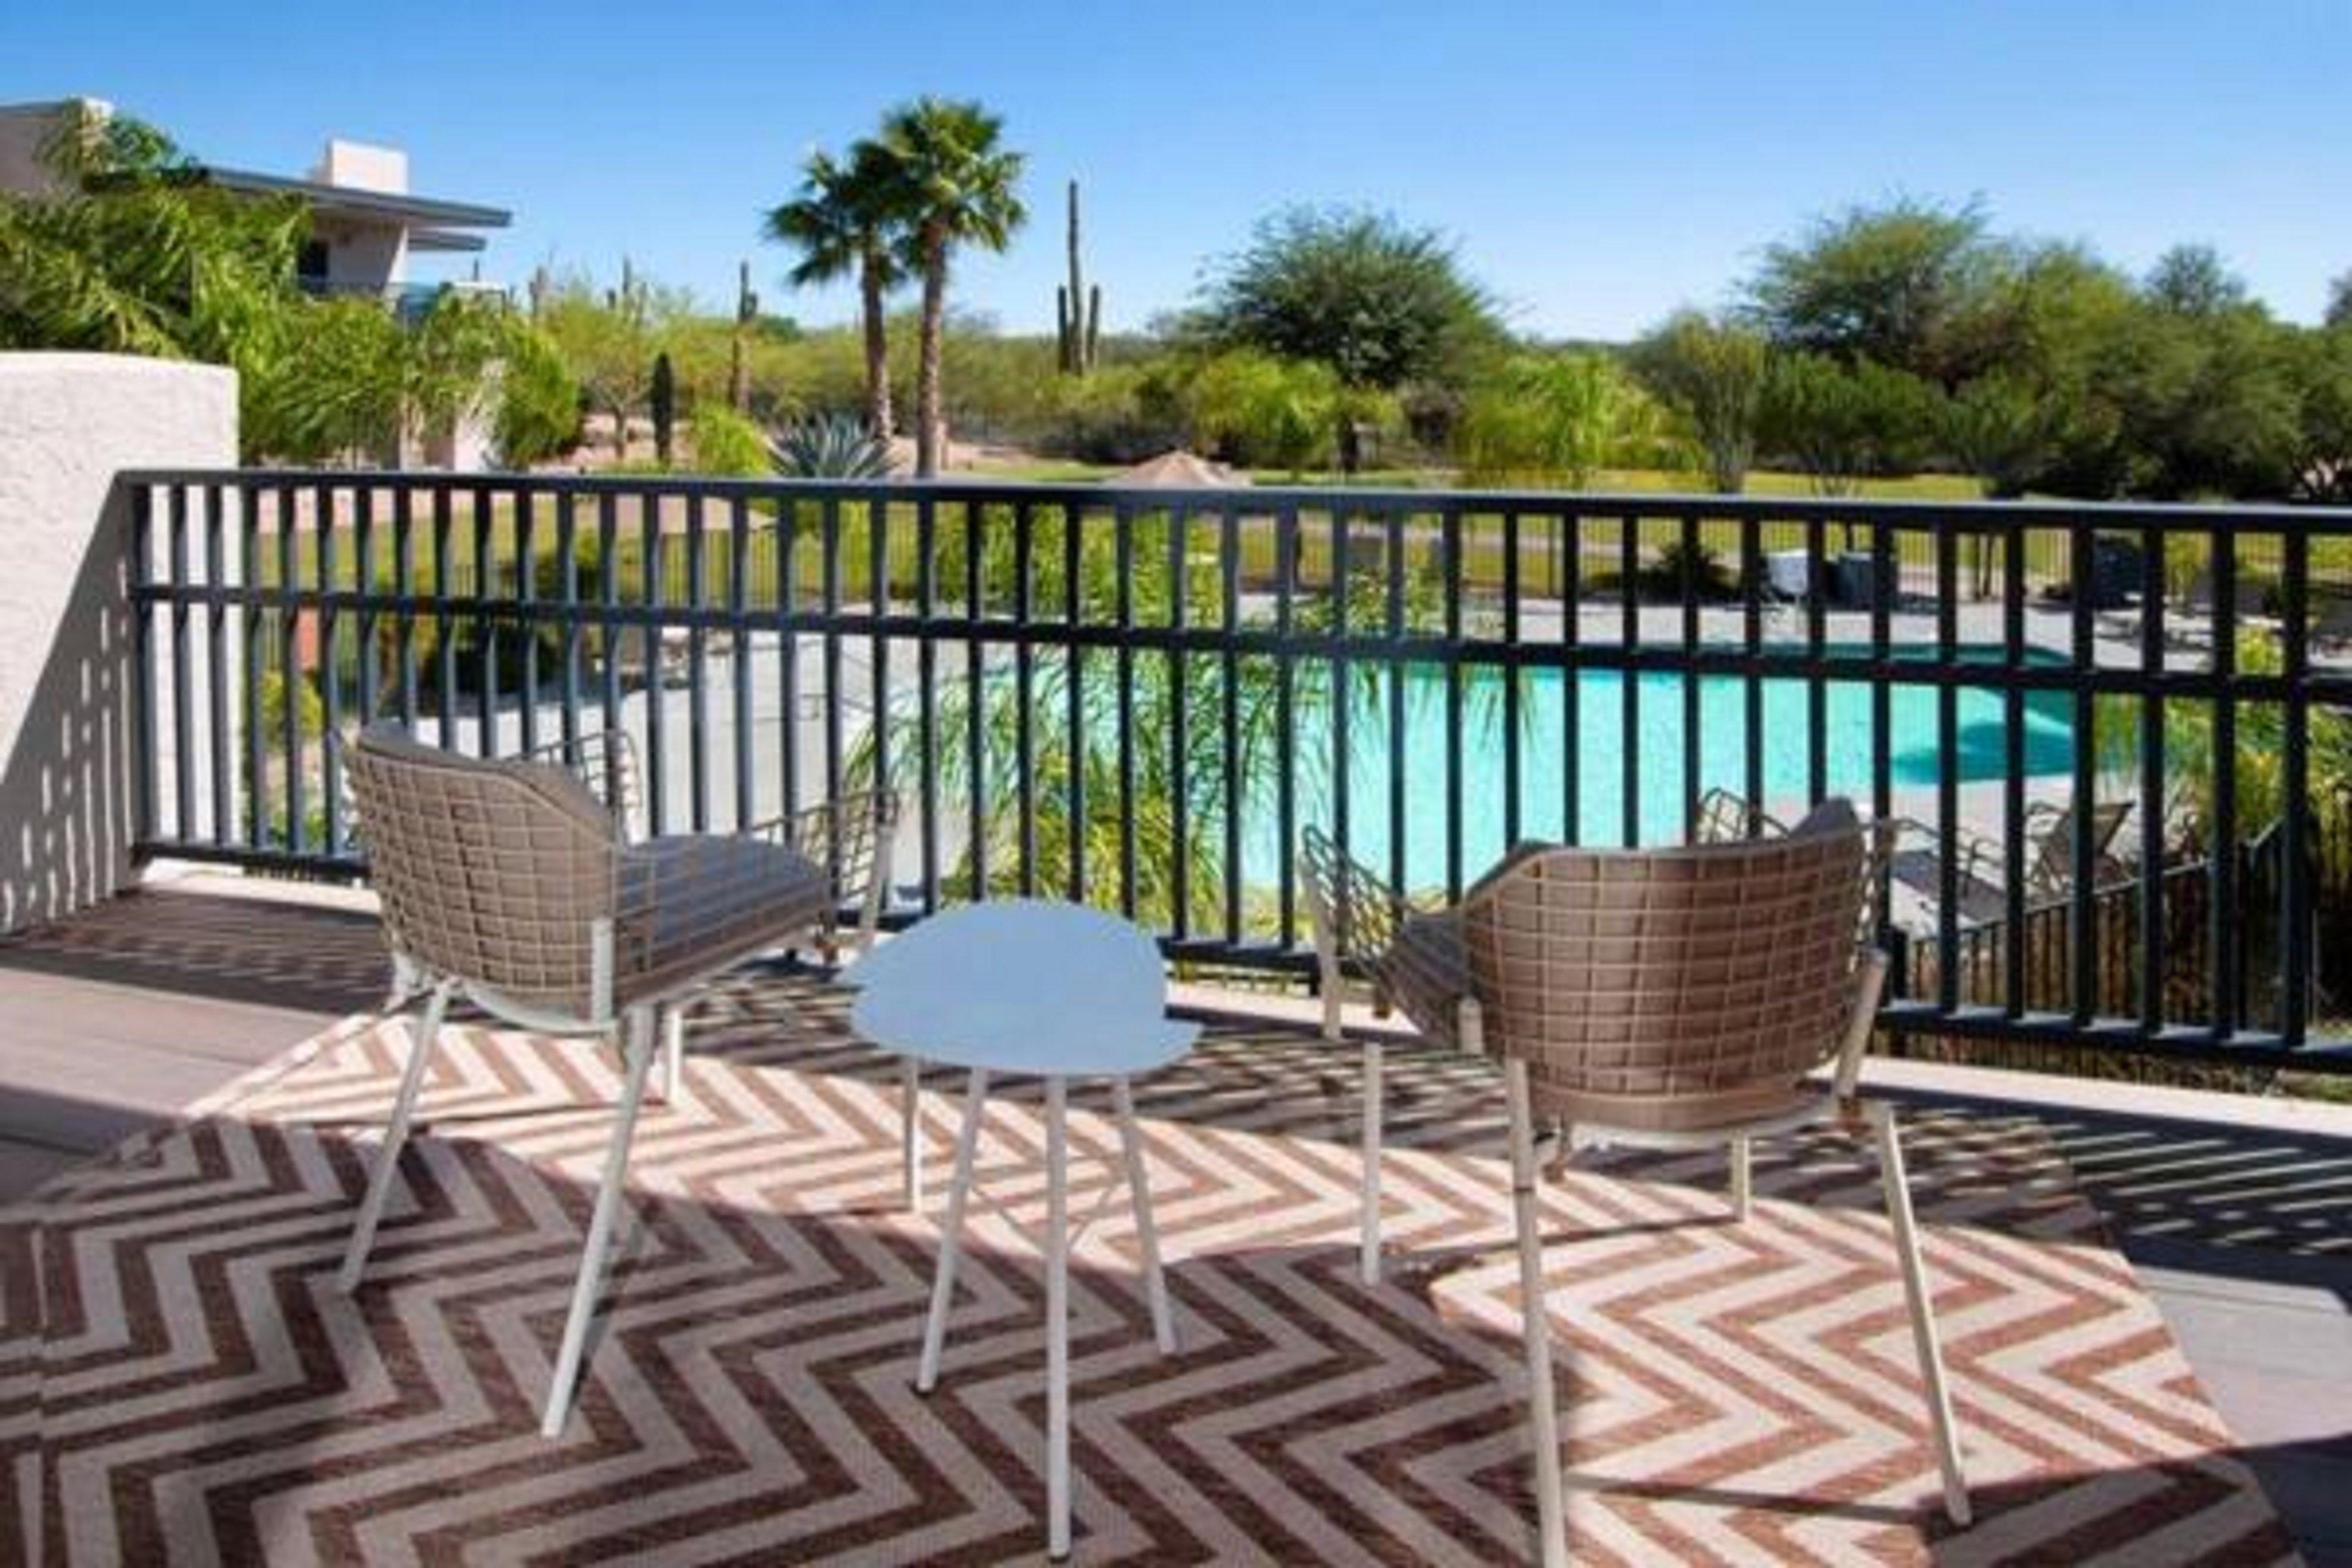 CIVANA Spa and Resort